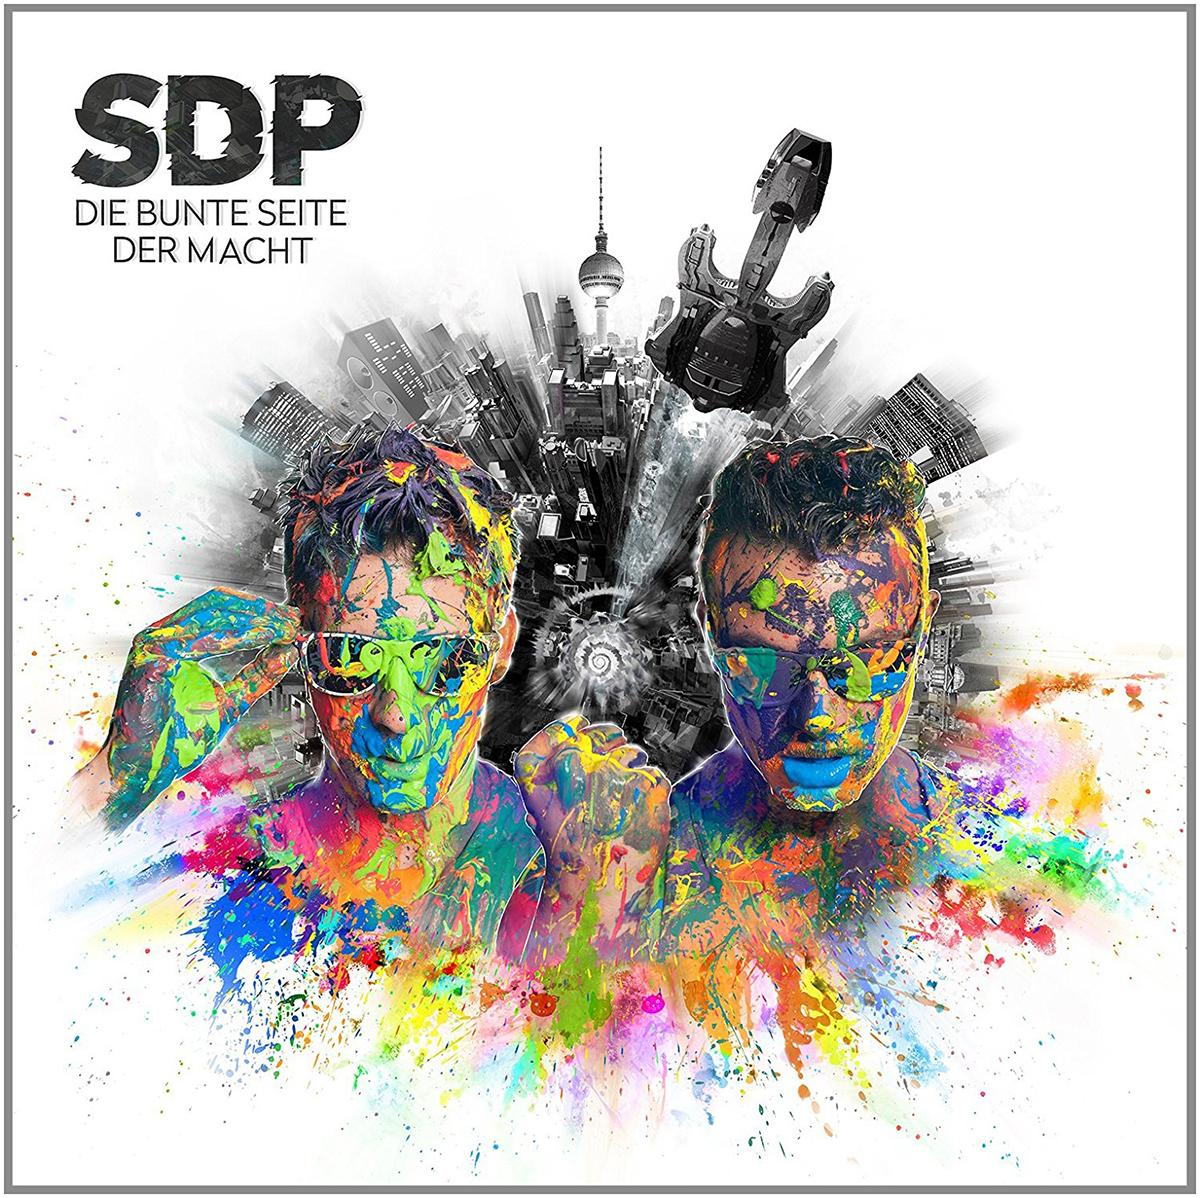 SDP die bunte seite der macht / SDP Tour 2017 / SDP live 2017